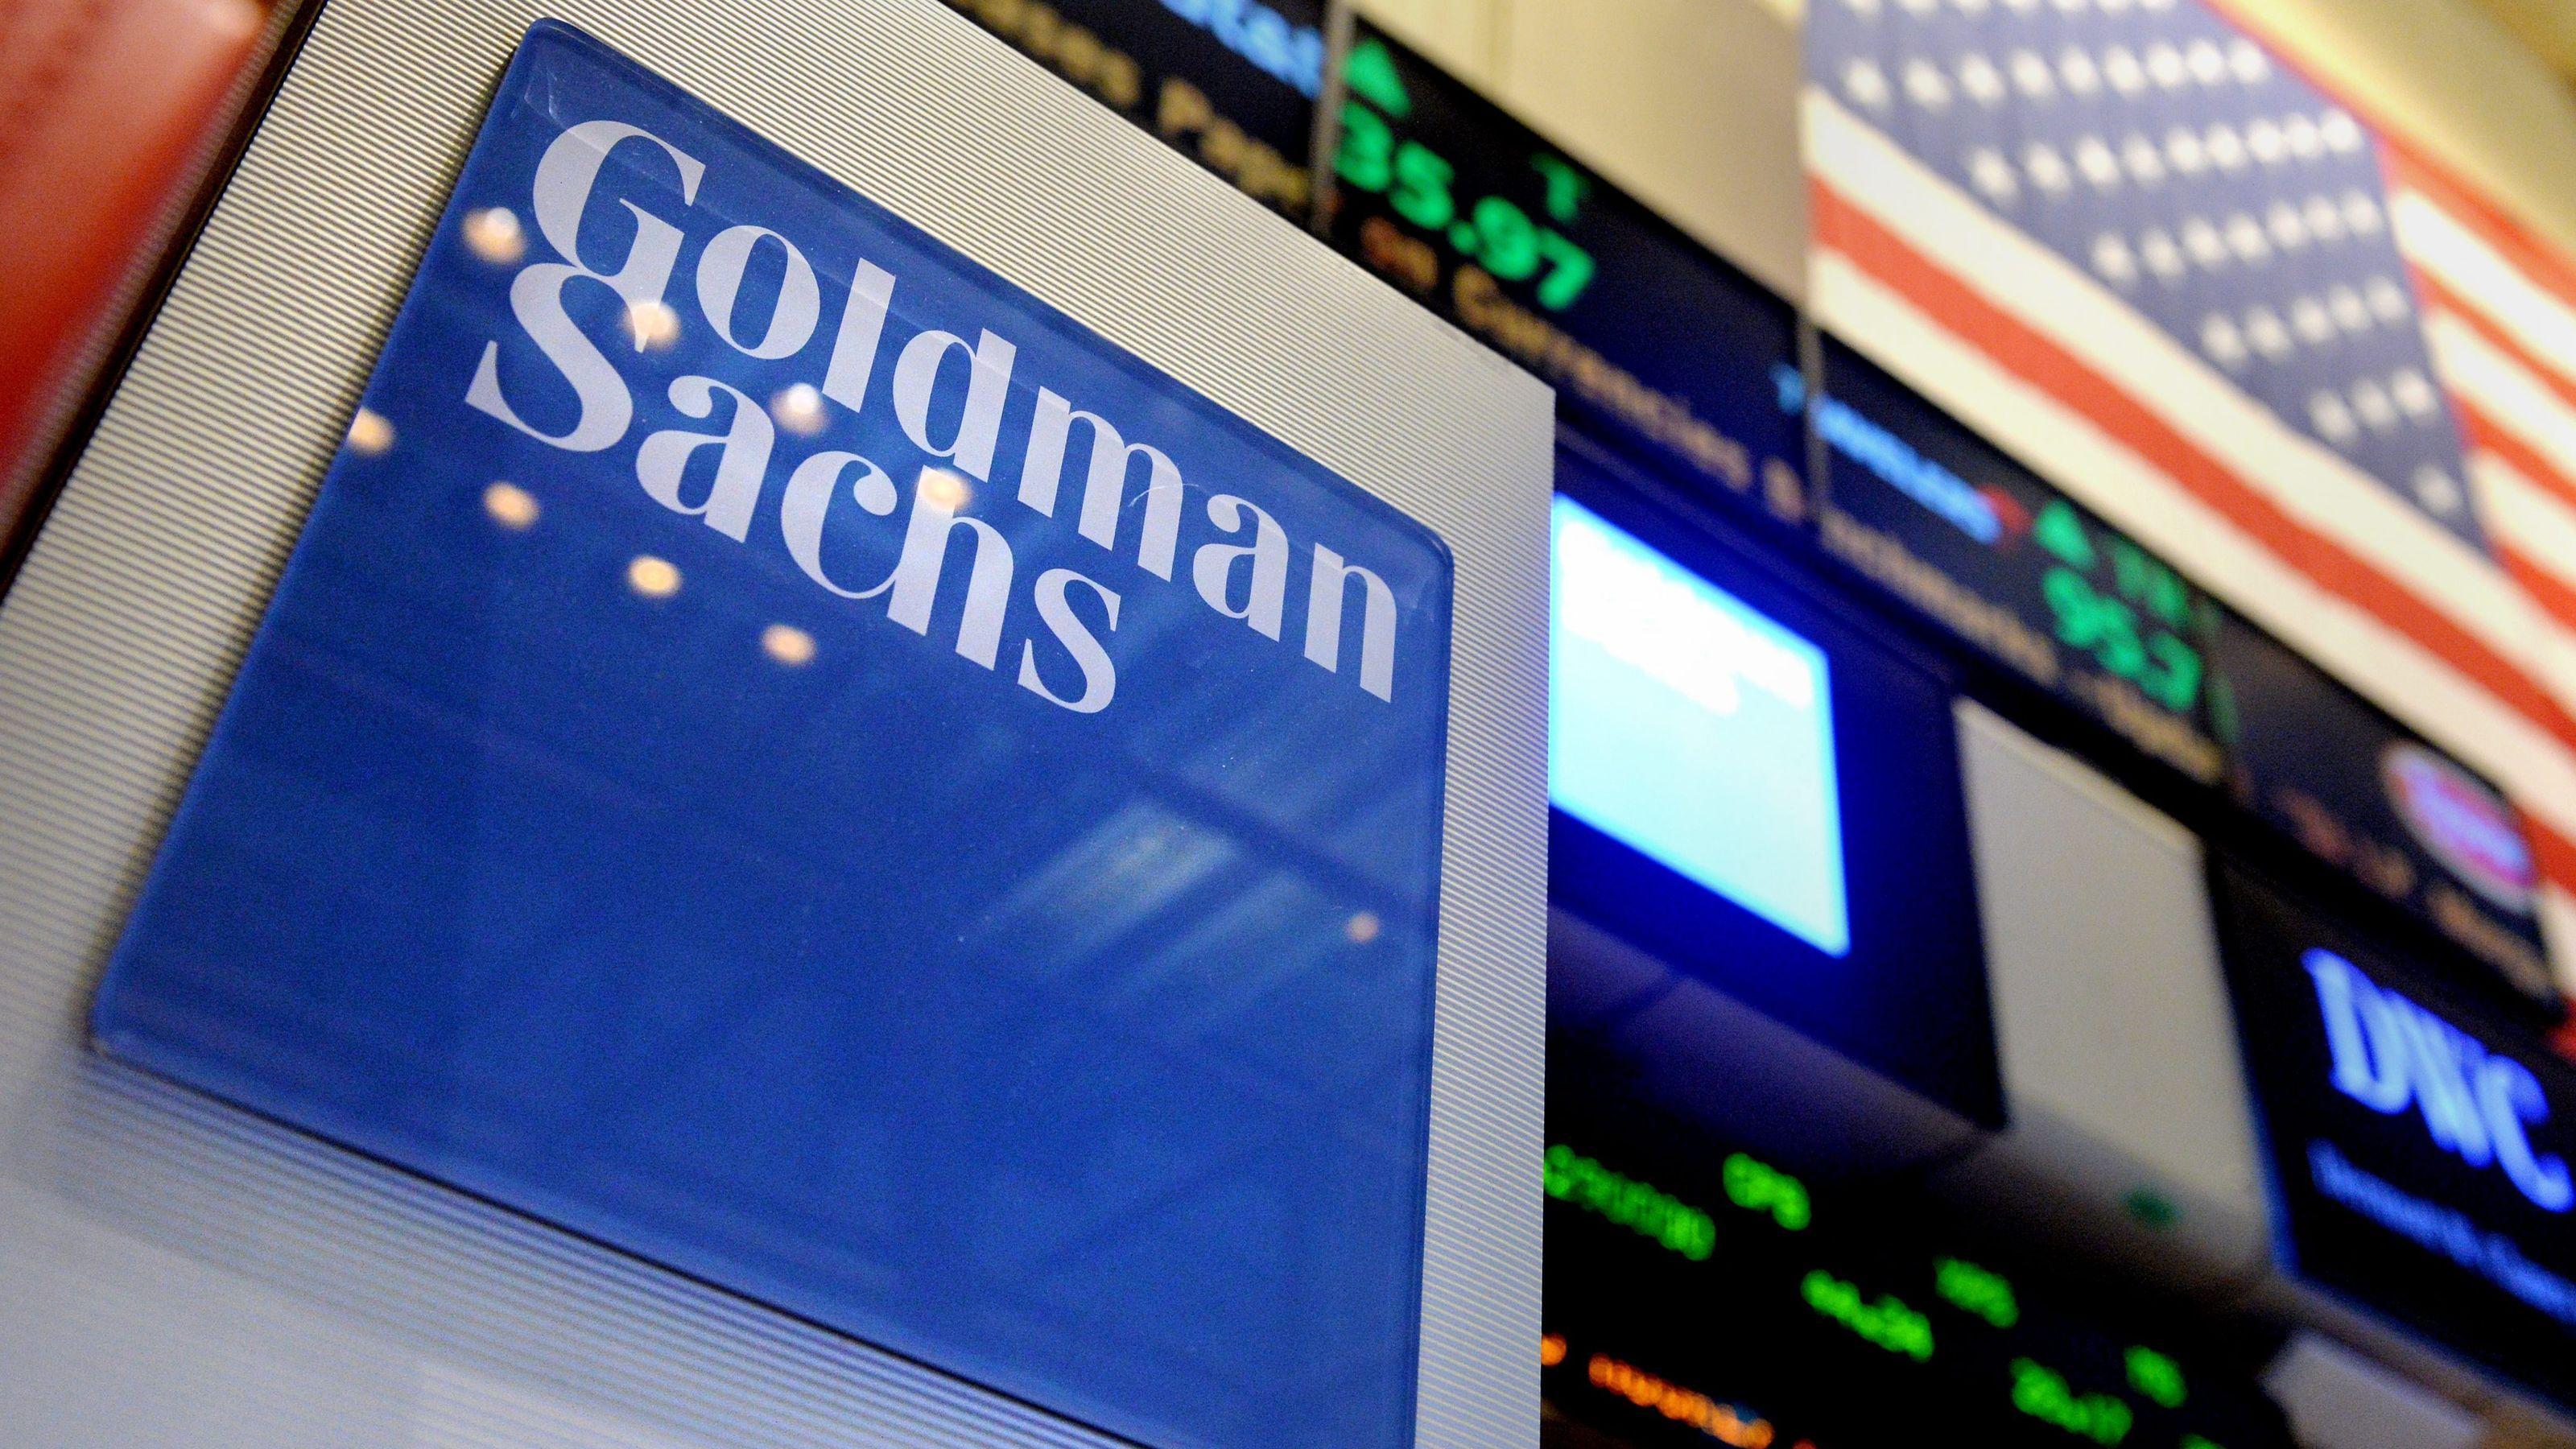 Отчёт <i>Goldman Sachs</i> вызвал негодование ивозмущение. Веб-сайт <i>Boing Boing</i> констатировал, что «капитализм несовместим спроцветанием человека».